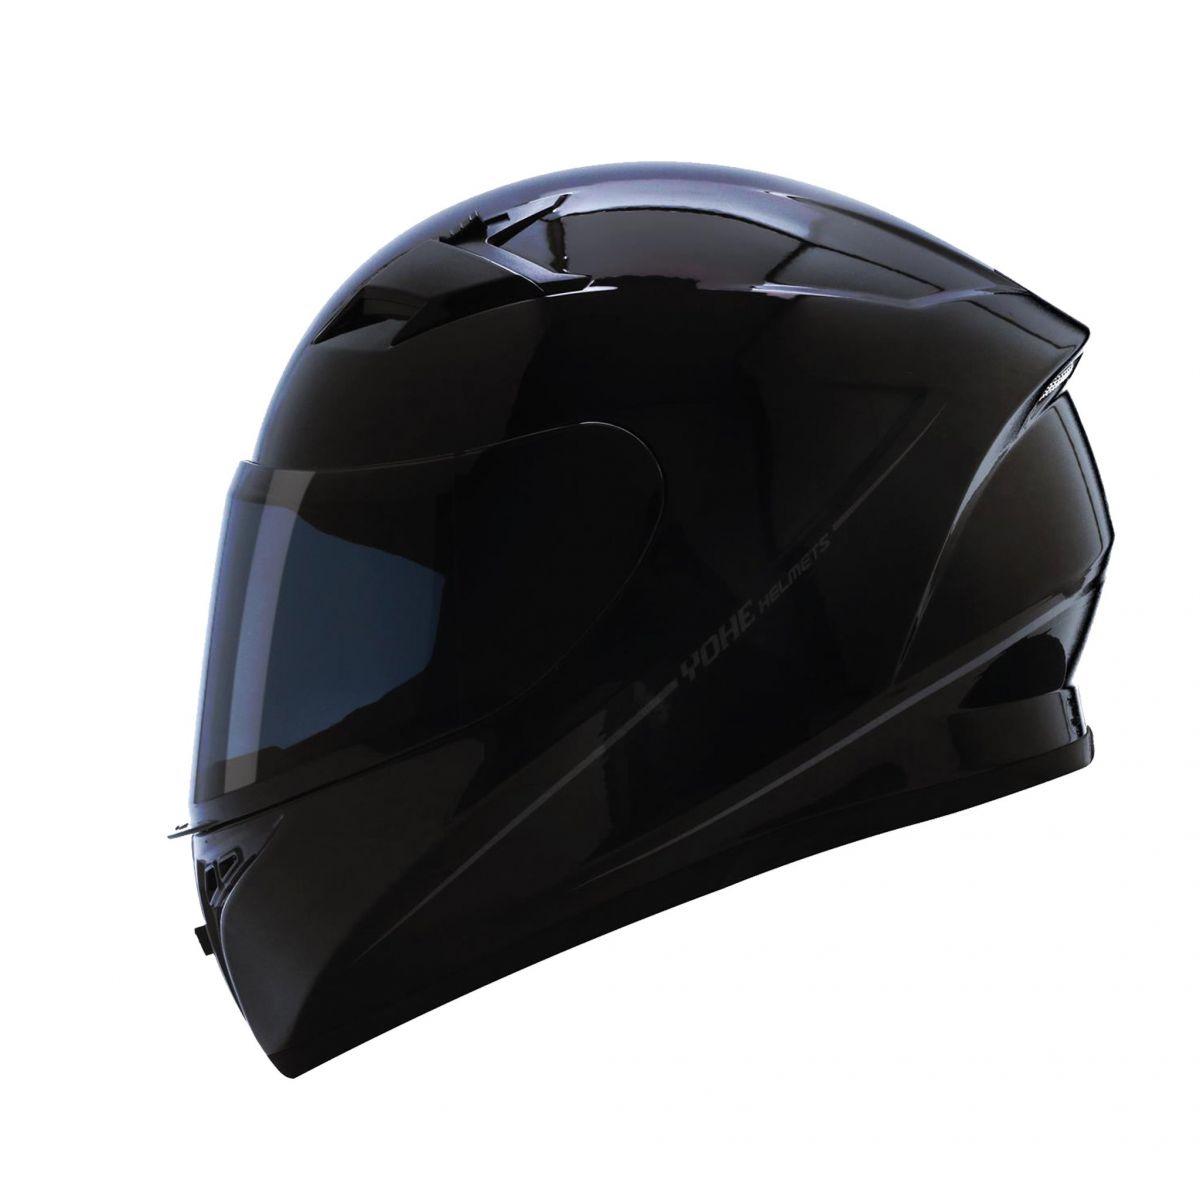 Mũ bảo hiểm cho tay đua chuyên nghiệp